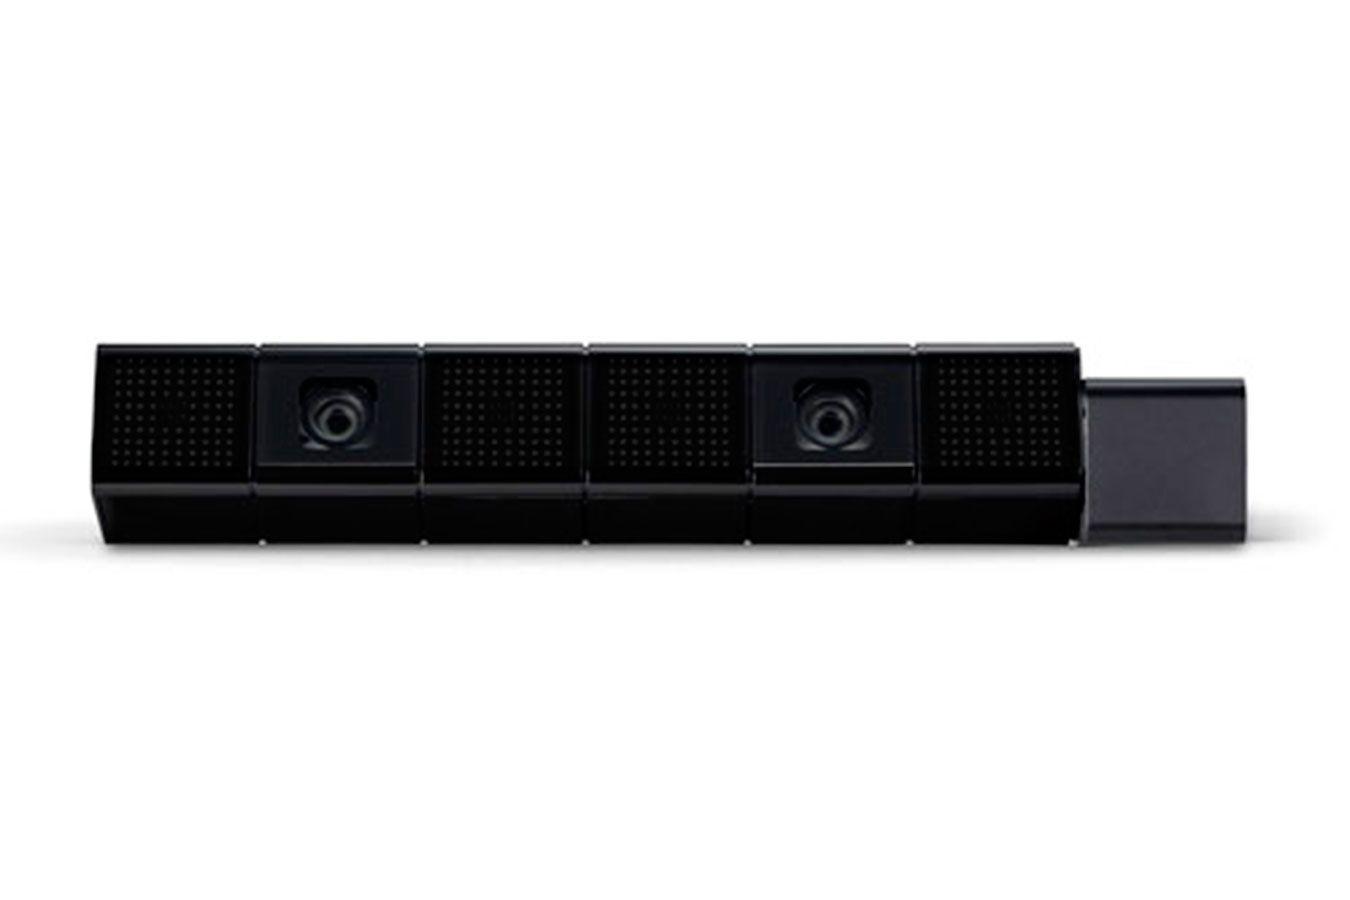 Камера PlayStation 4 изображение 0